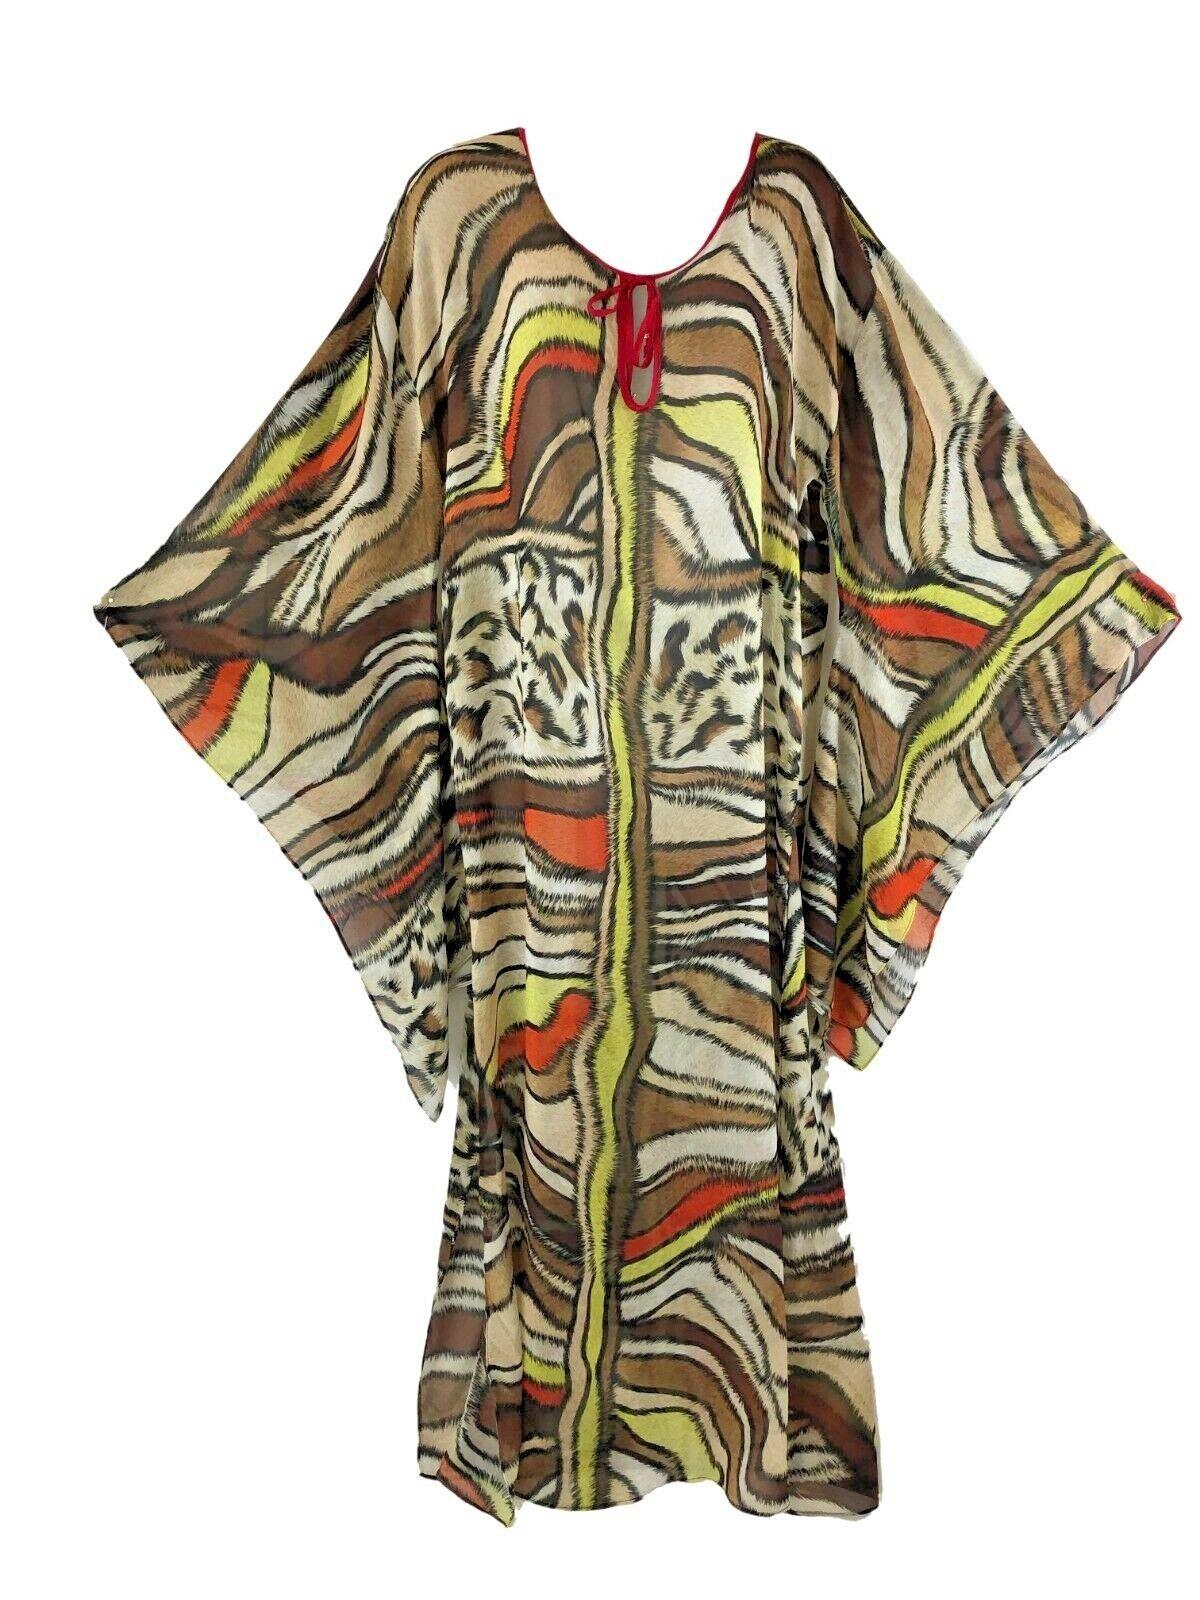 AUM Couture XS Salon Caftan Imprimé Animal Mousseline Robe Chauve-souris Neuf avec étiquettes